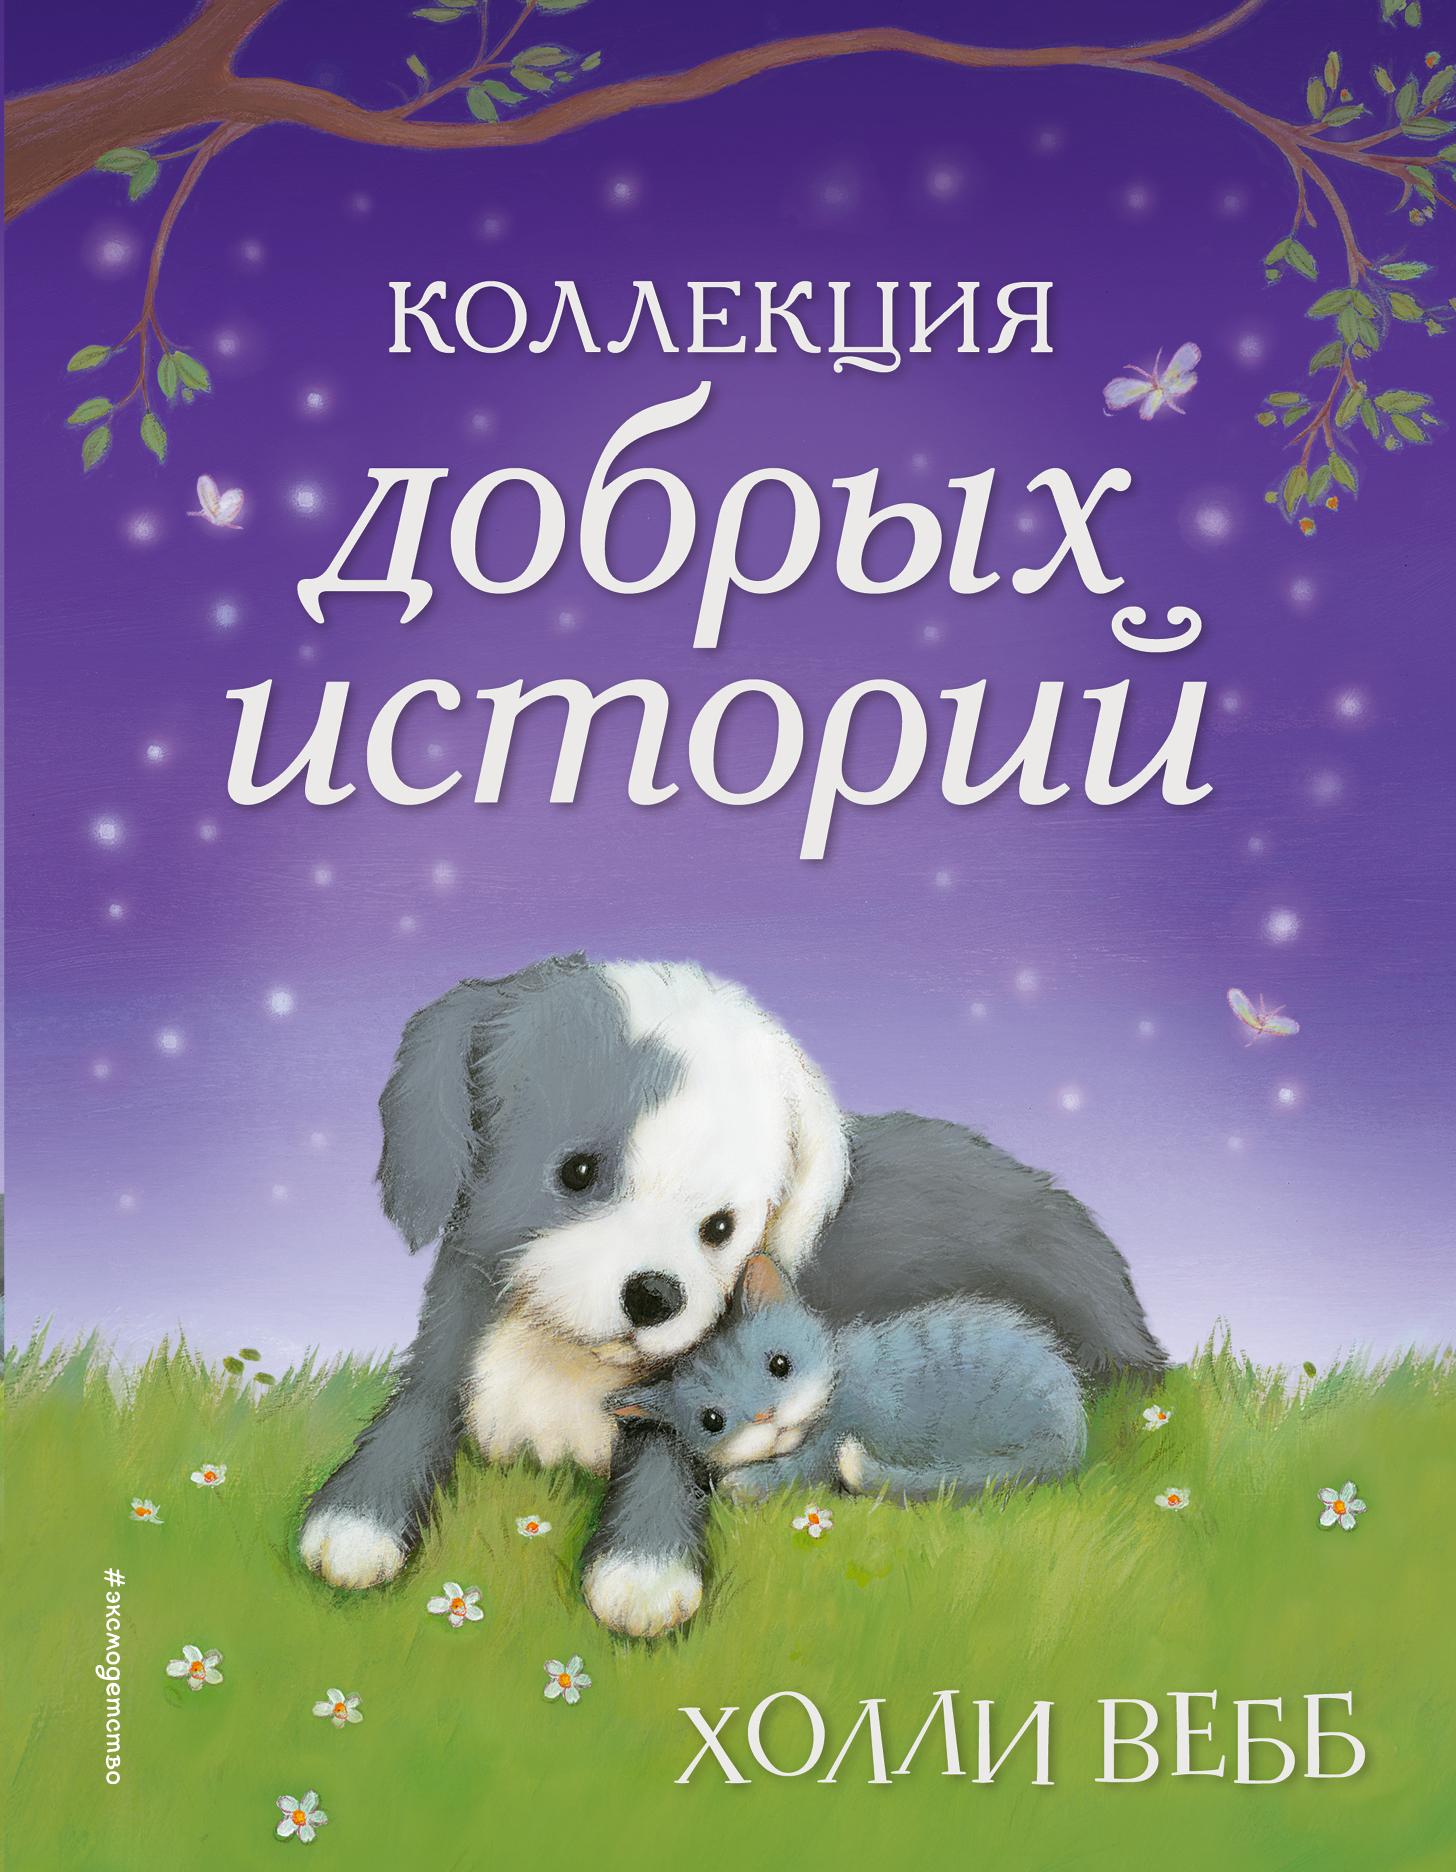 купить Холли Вебб Коллекция добрых историй (сборник) по цене 299 рублей